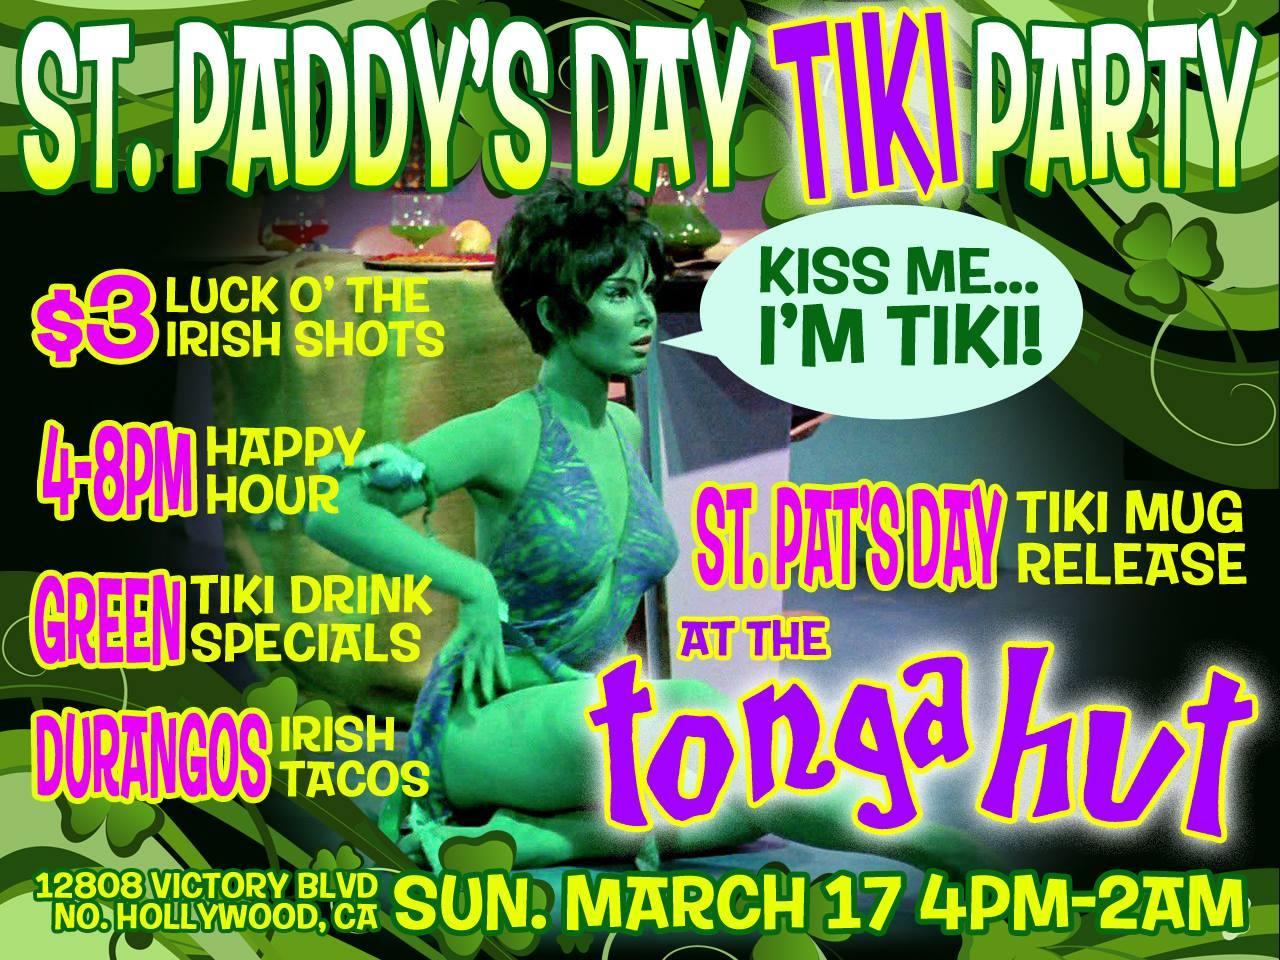 Tonga Hut St. Paddy's Day Tiki Party